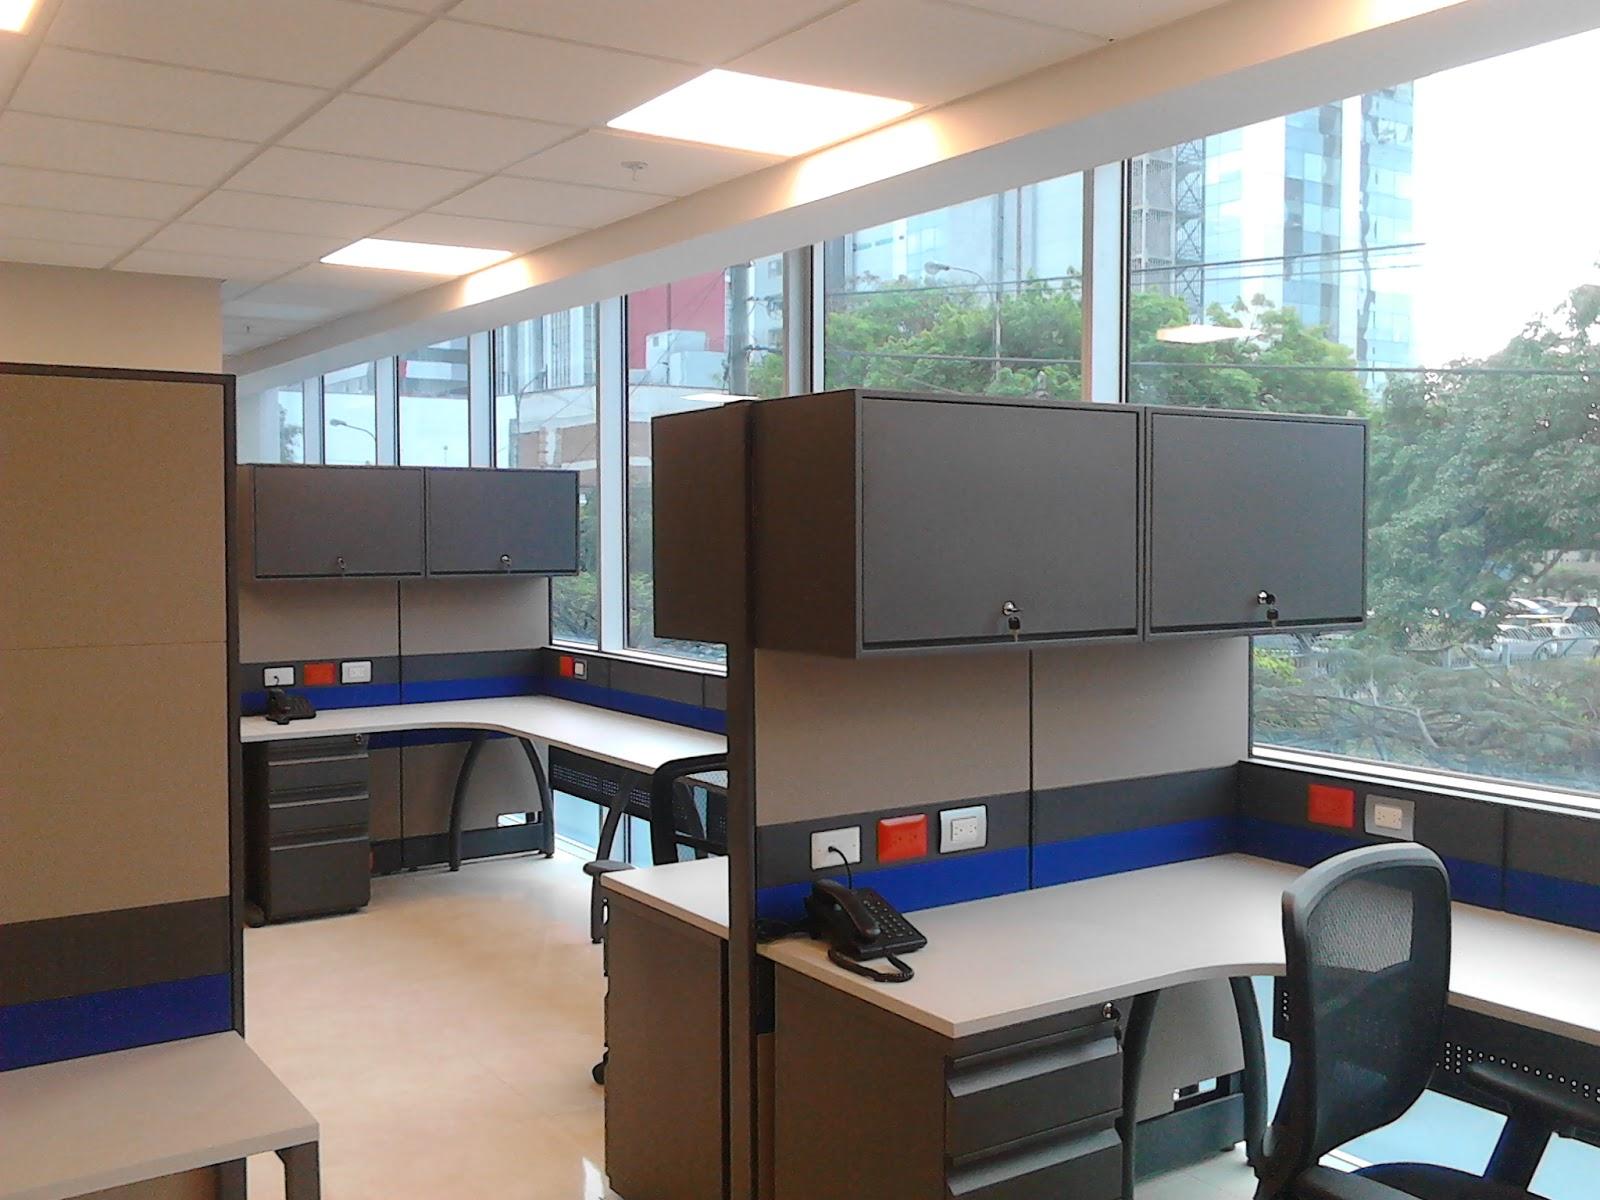 Oniria dise o de interiores de oficinas en edificio for Diseno de interiores 2016